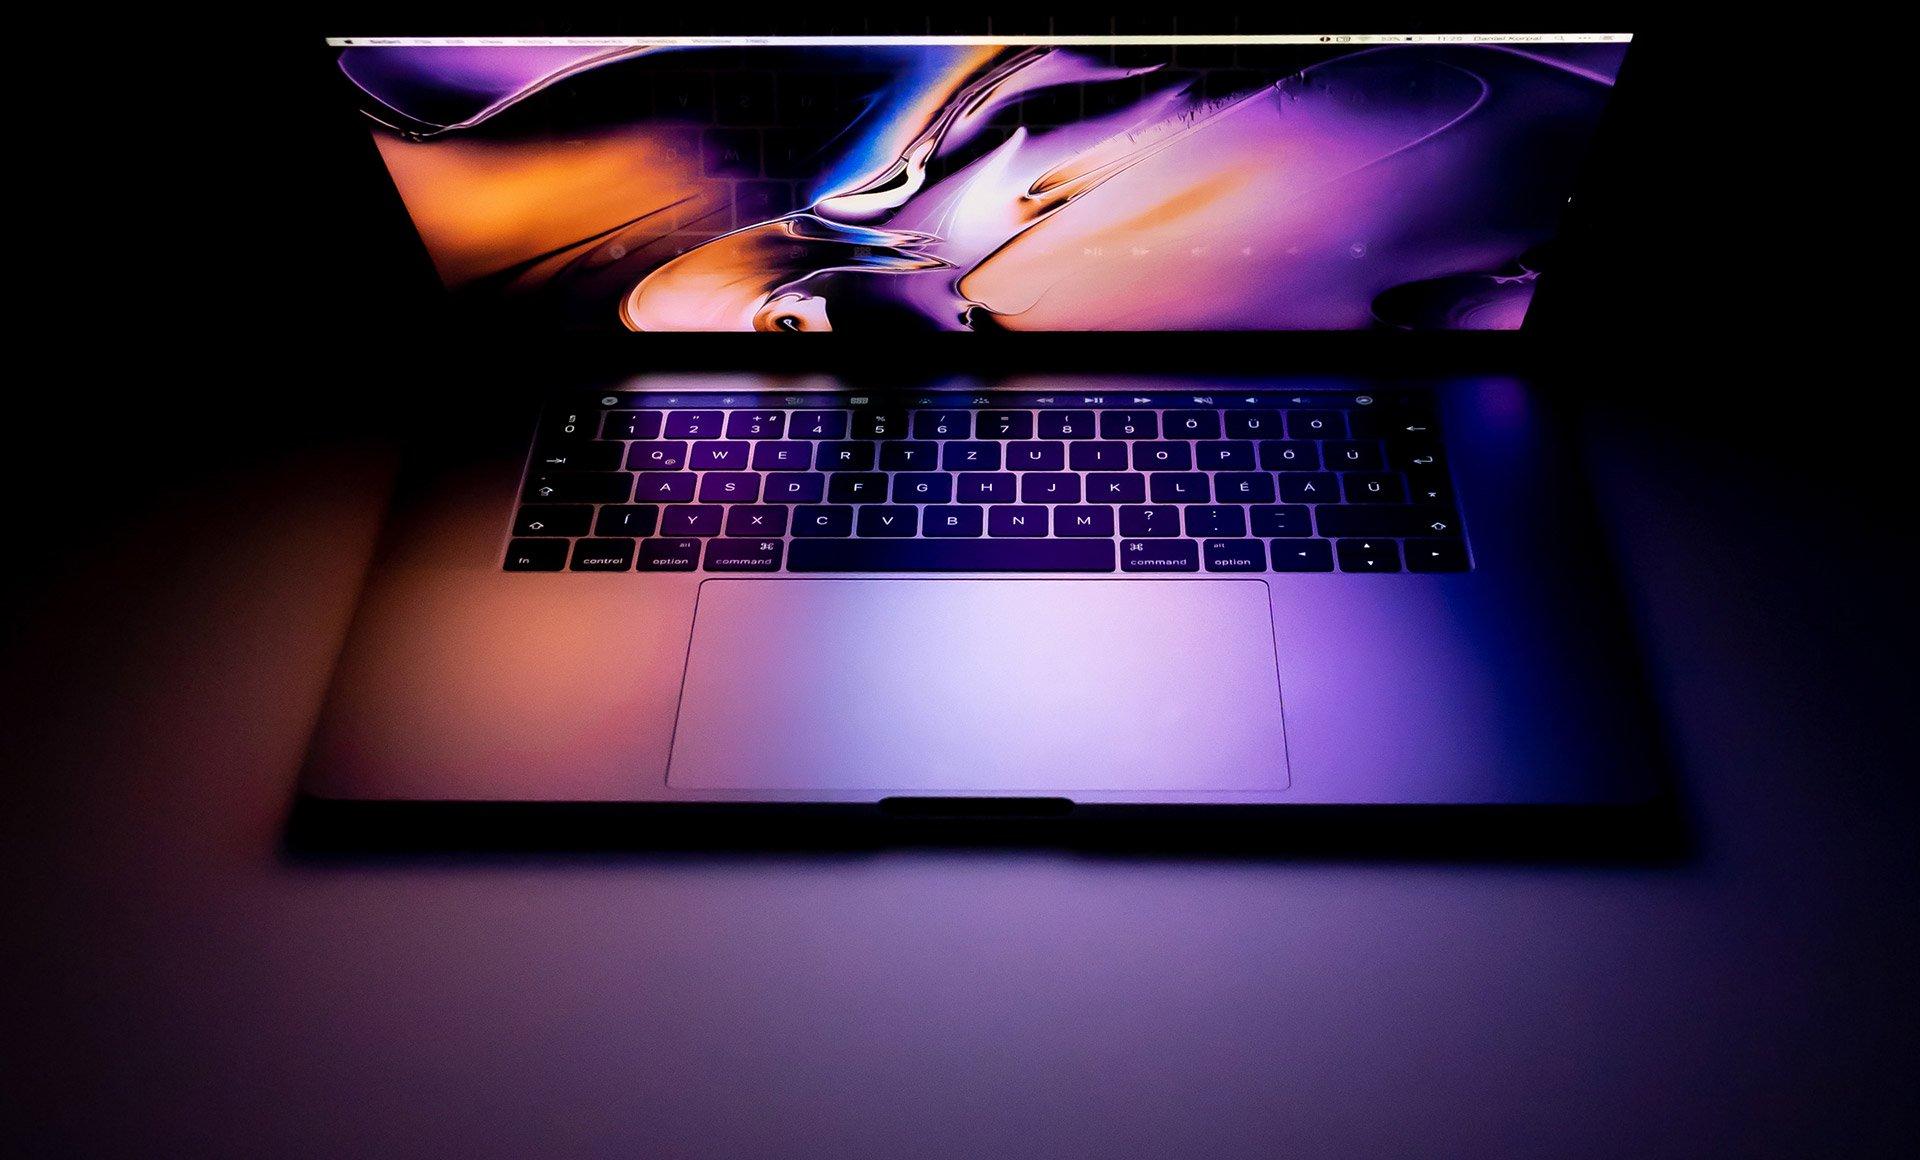 laptop-glow-1